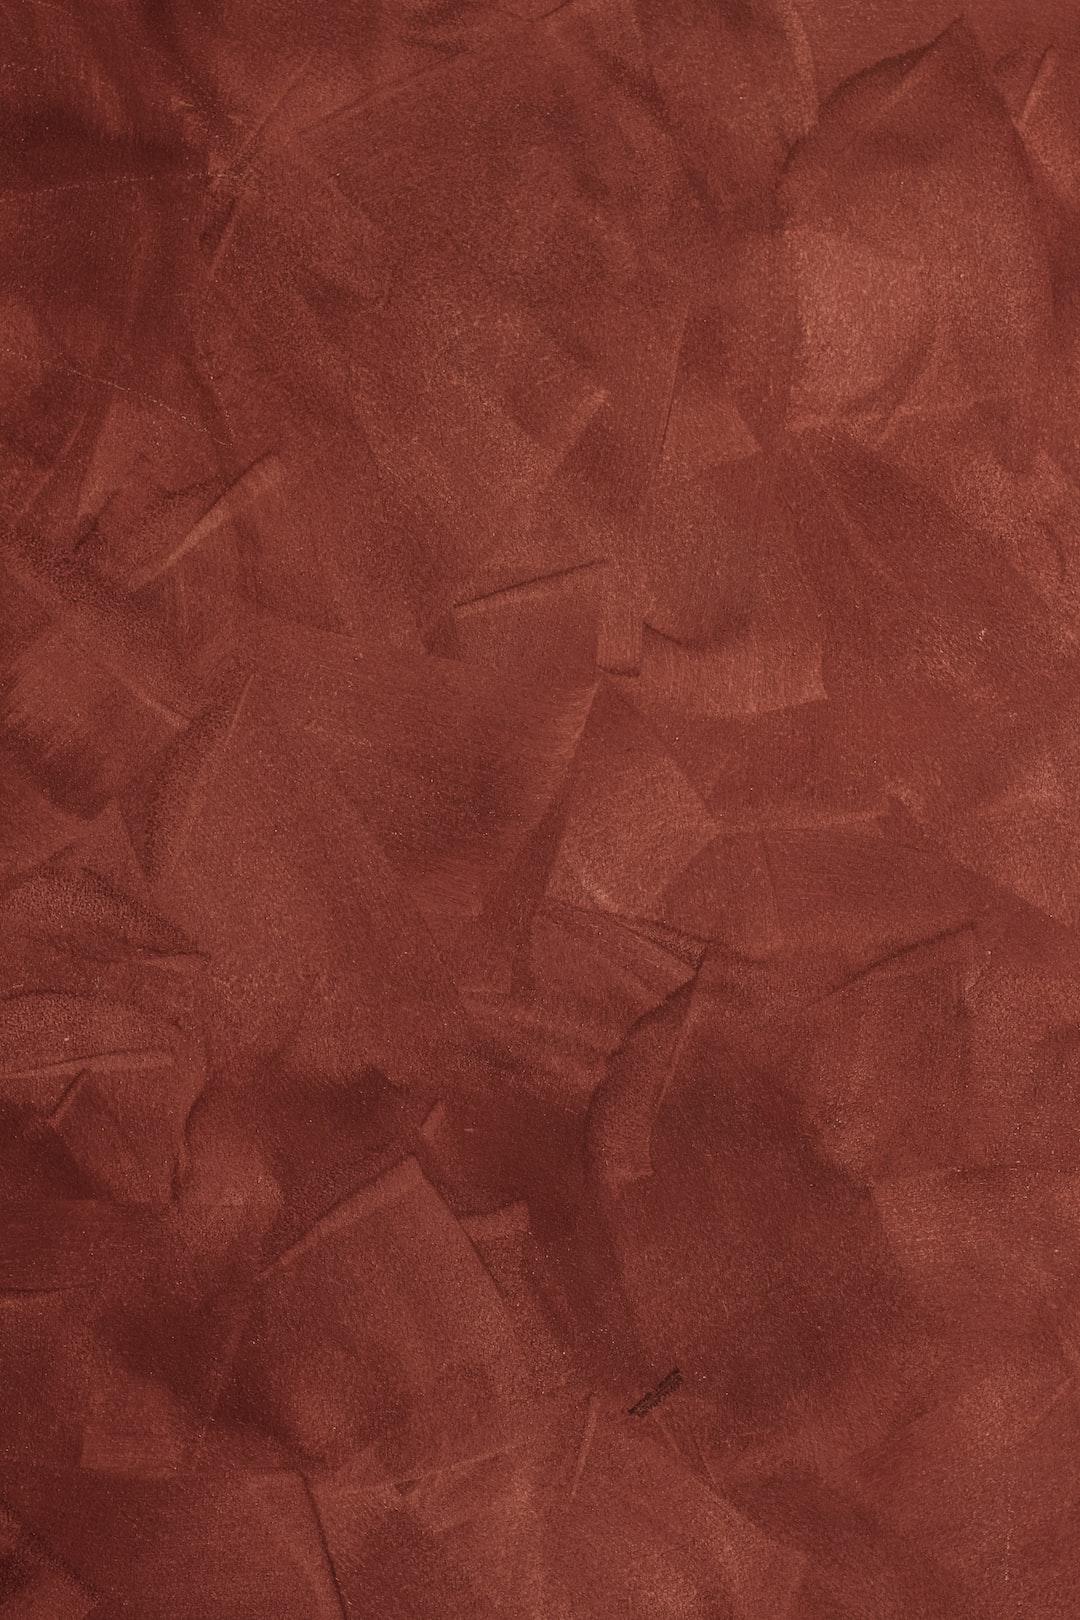 Plain Frame Background